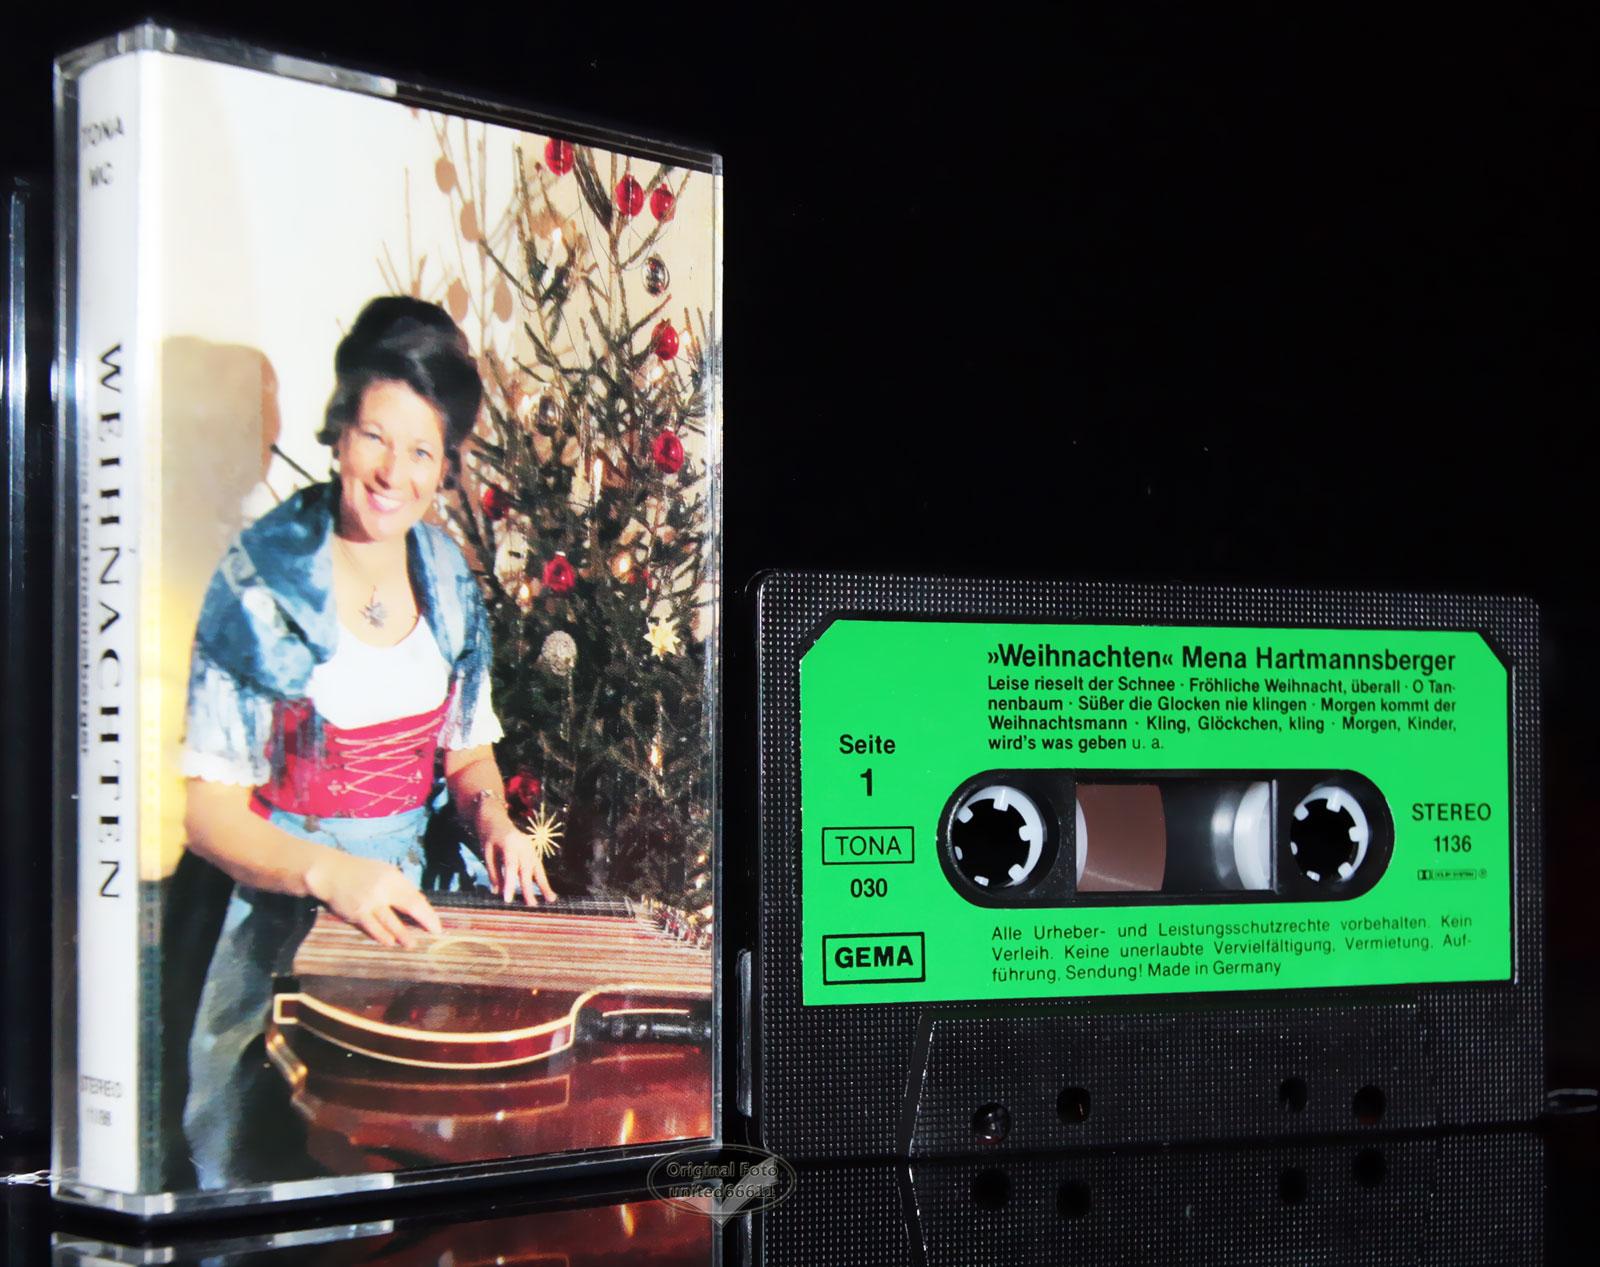 weihnachten mit mena hartmannsberger zither lieder mc tape. Black Bedroom Furniture Sets. Home Design Ideas